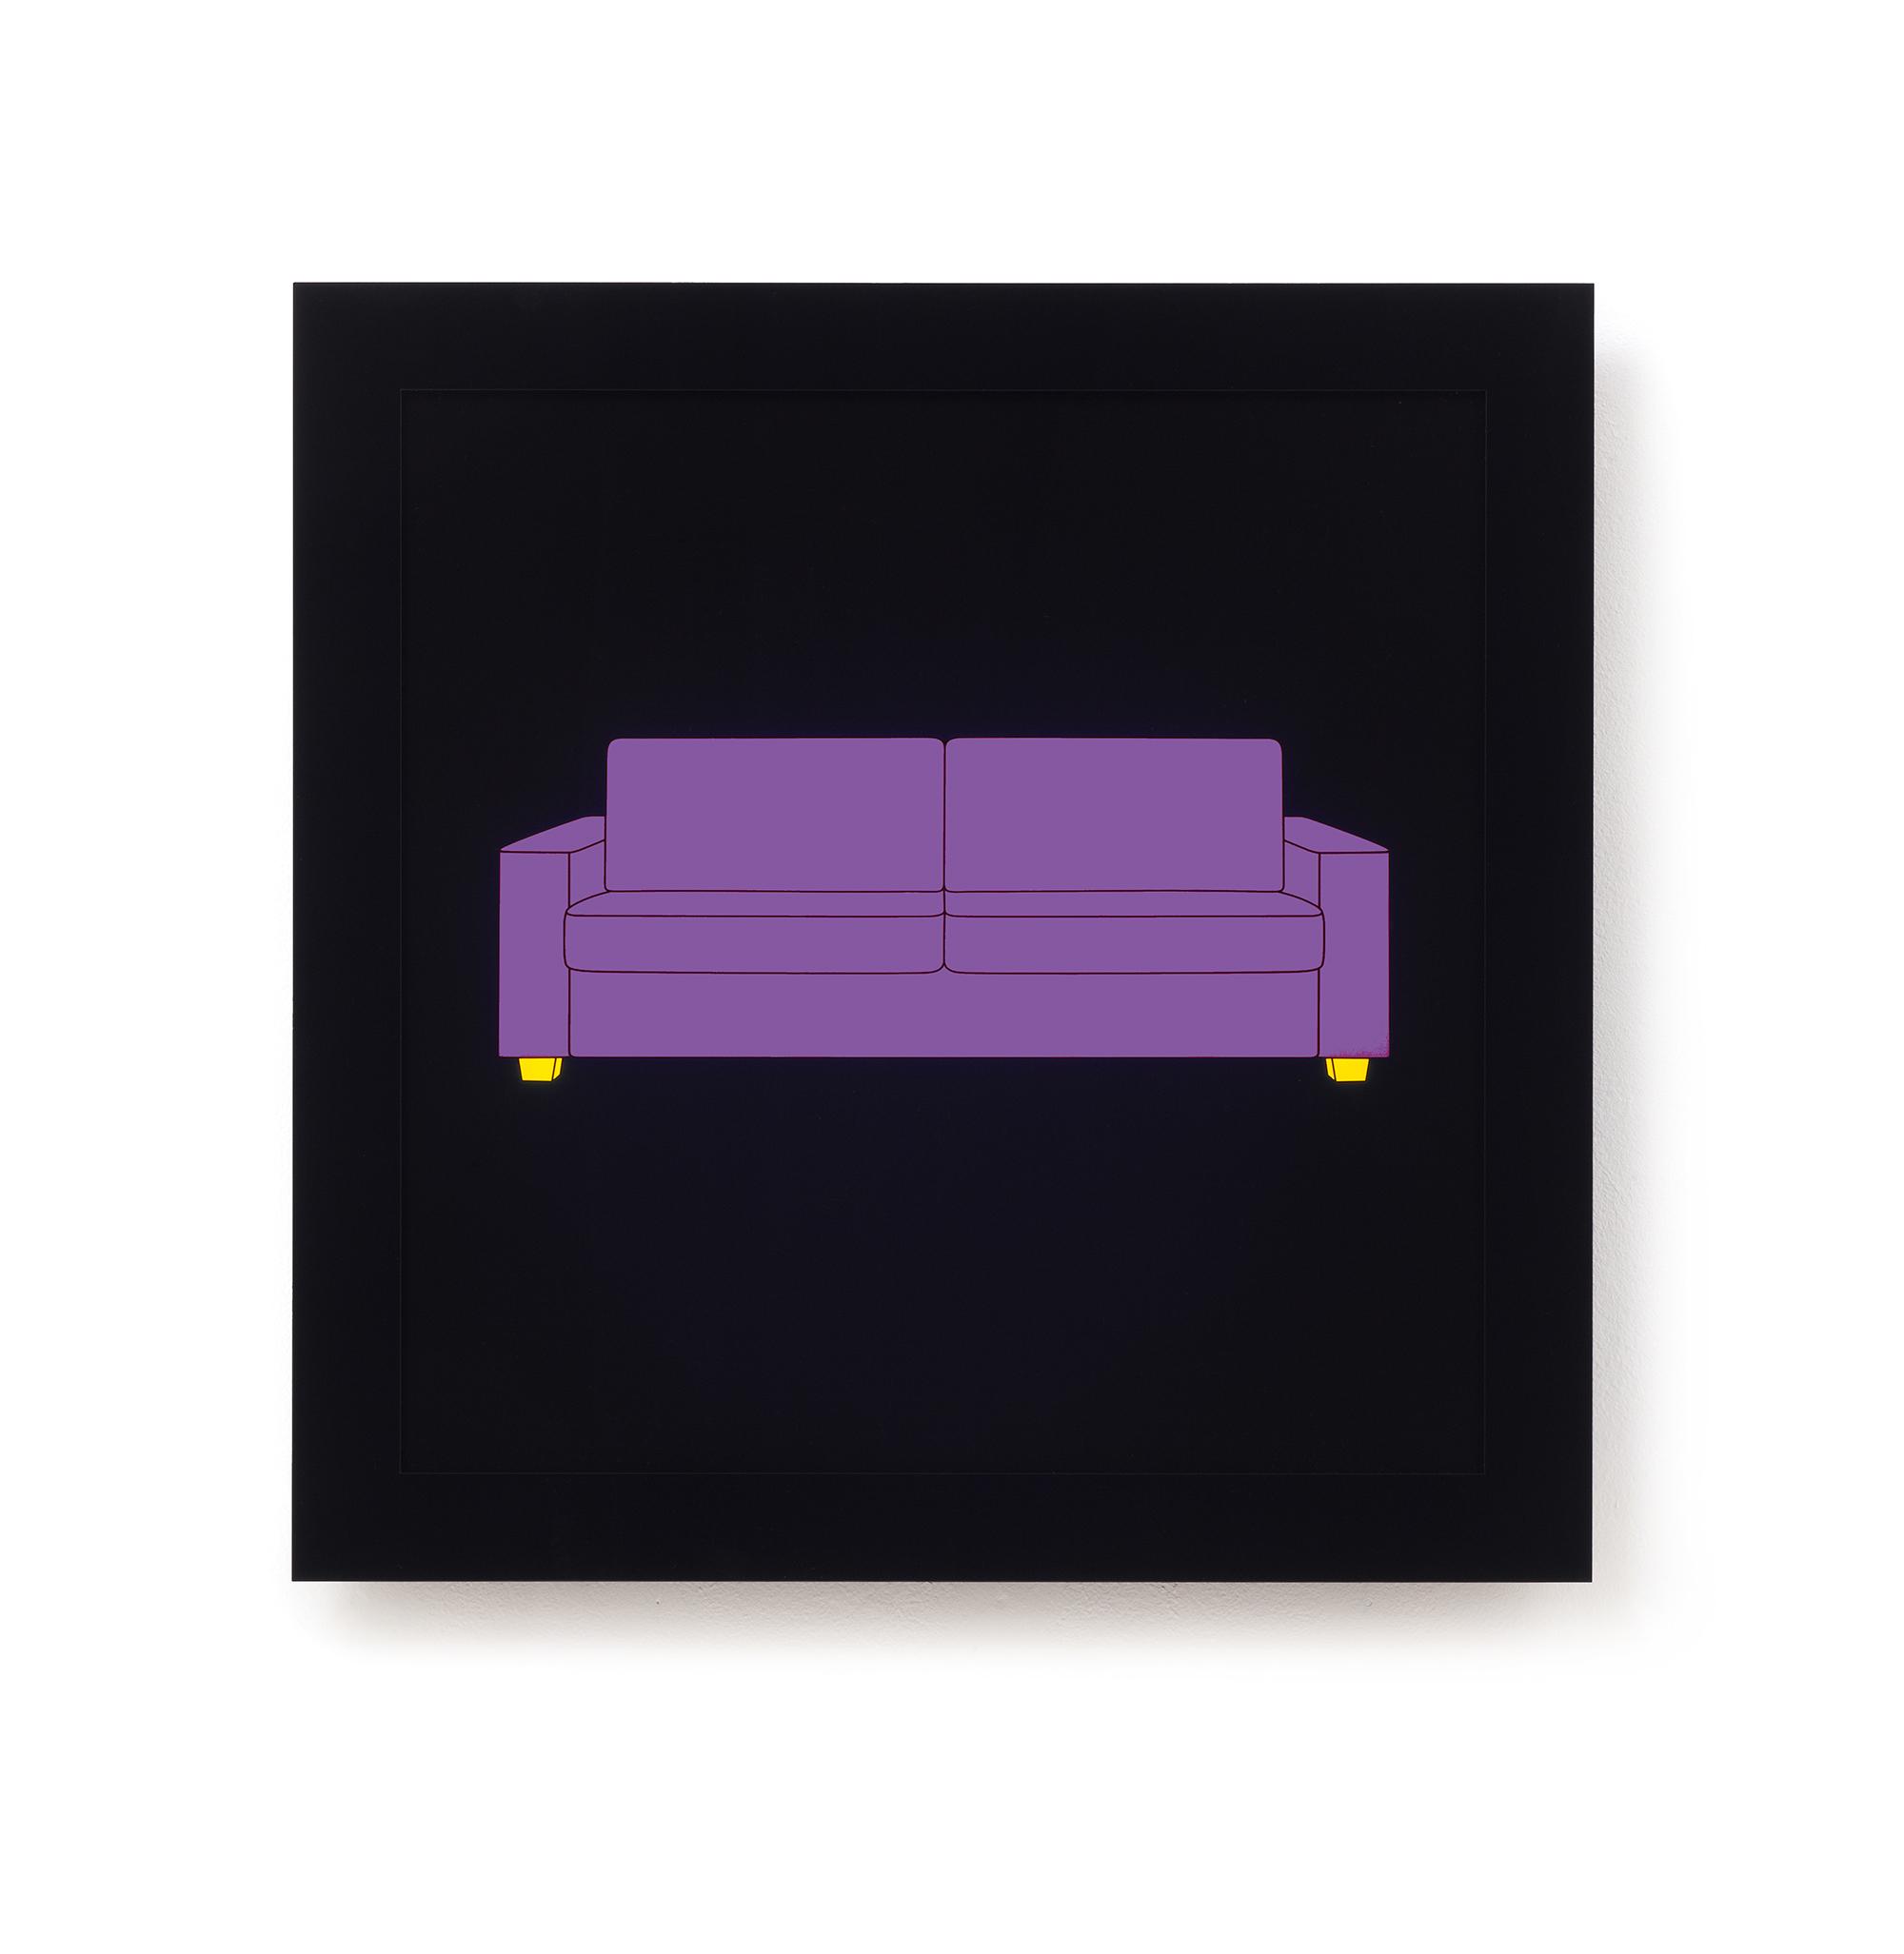 Michael Craig-Martin   Sofa • 2013   Caixa de Luz (serigrafia, acrilico, LED)   Edição: 15   60 x 60 cm